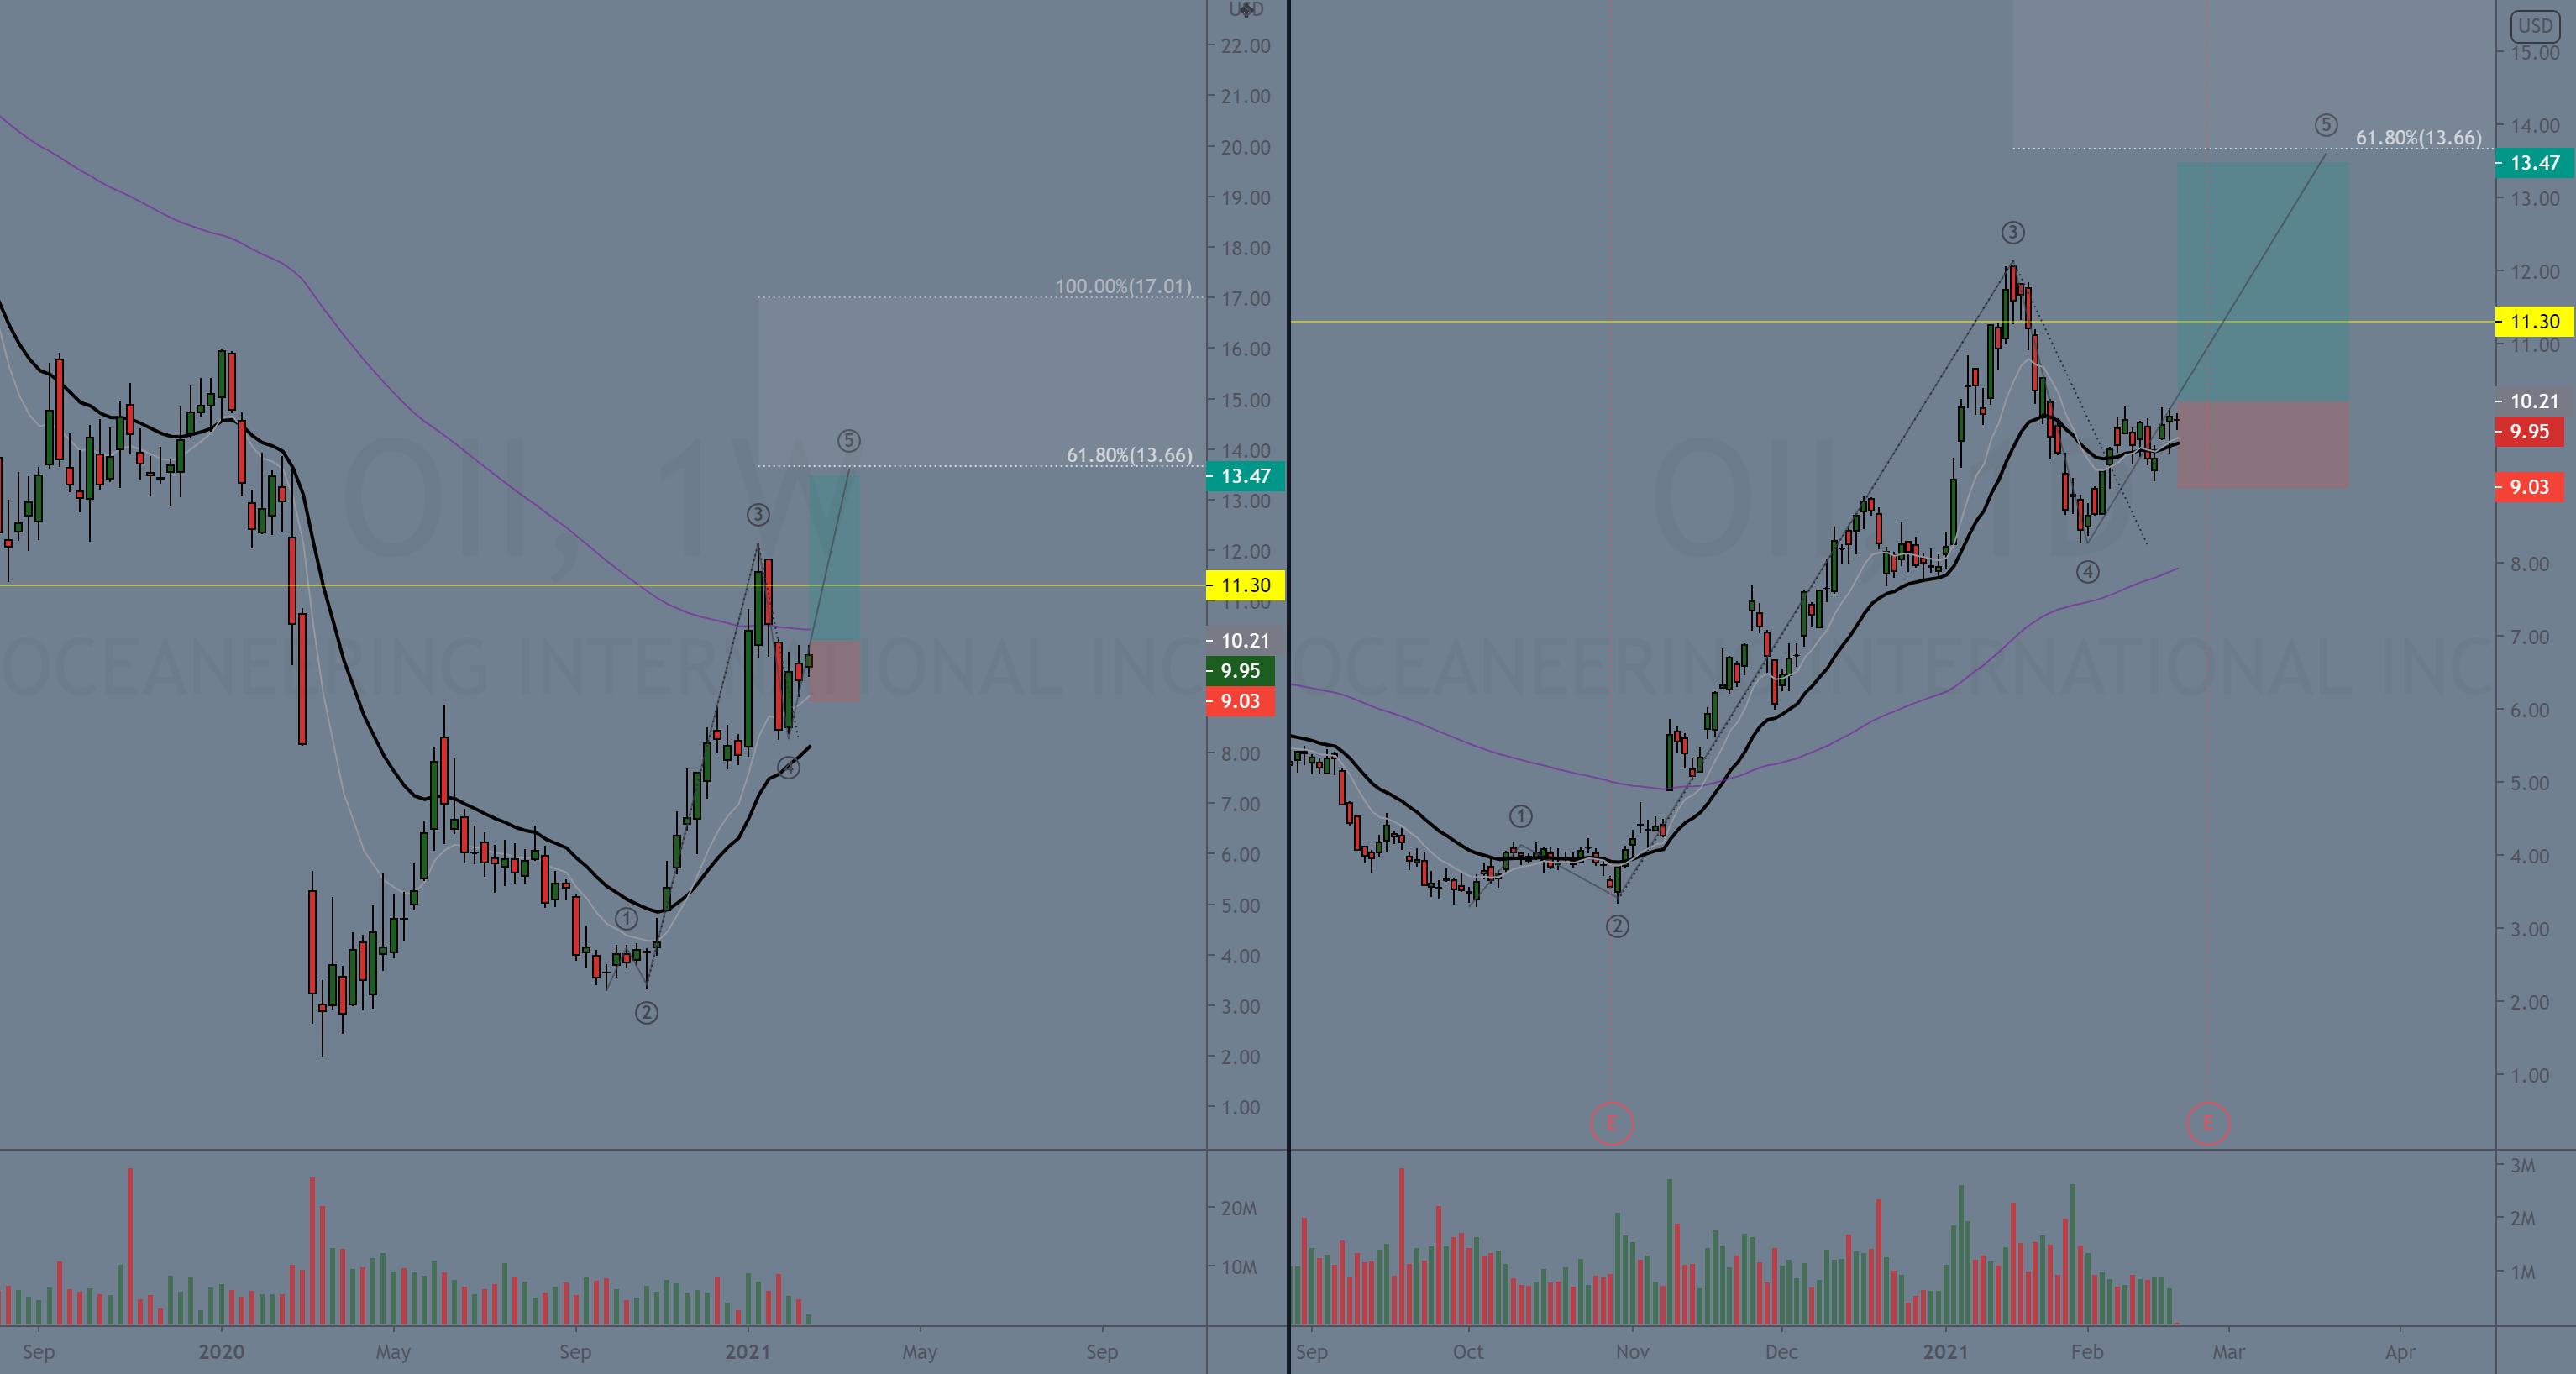 OII - Buy $10.20 Target $11.80